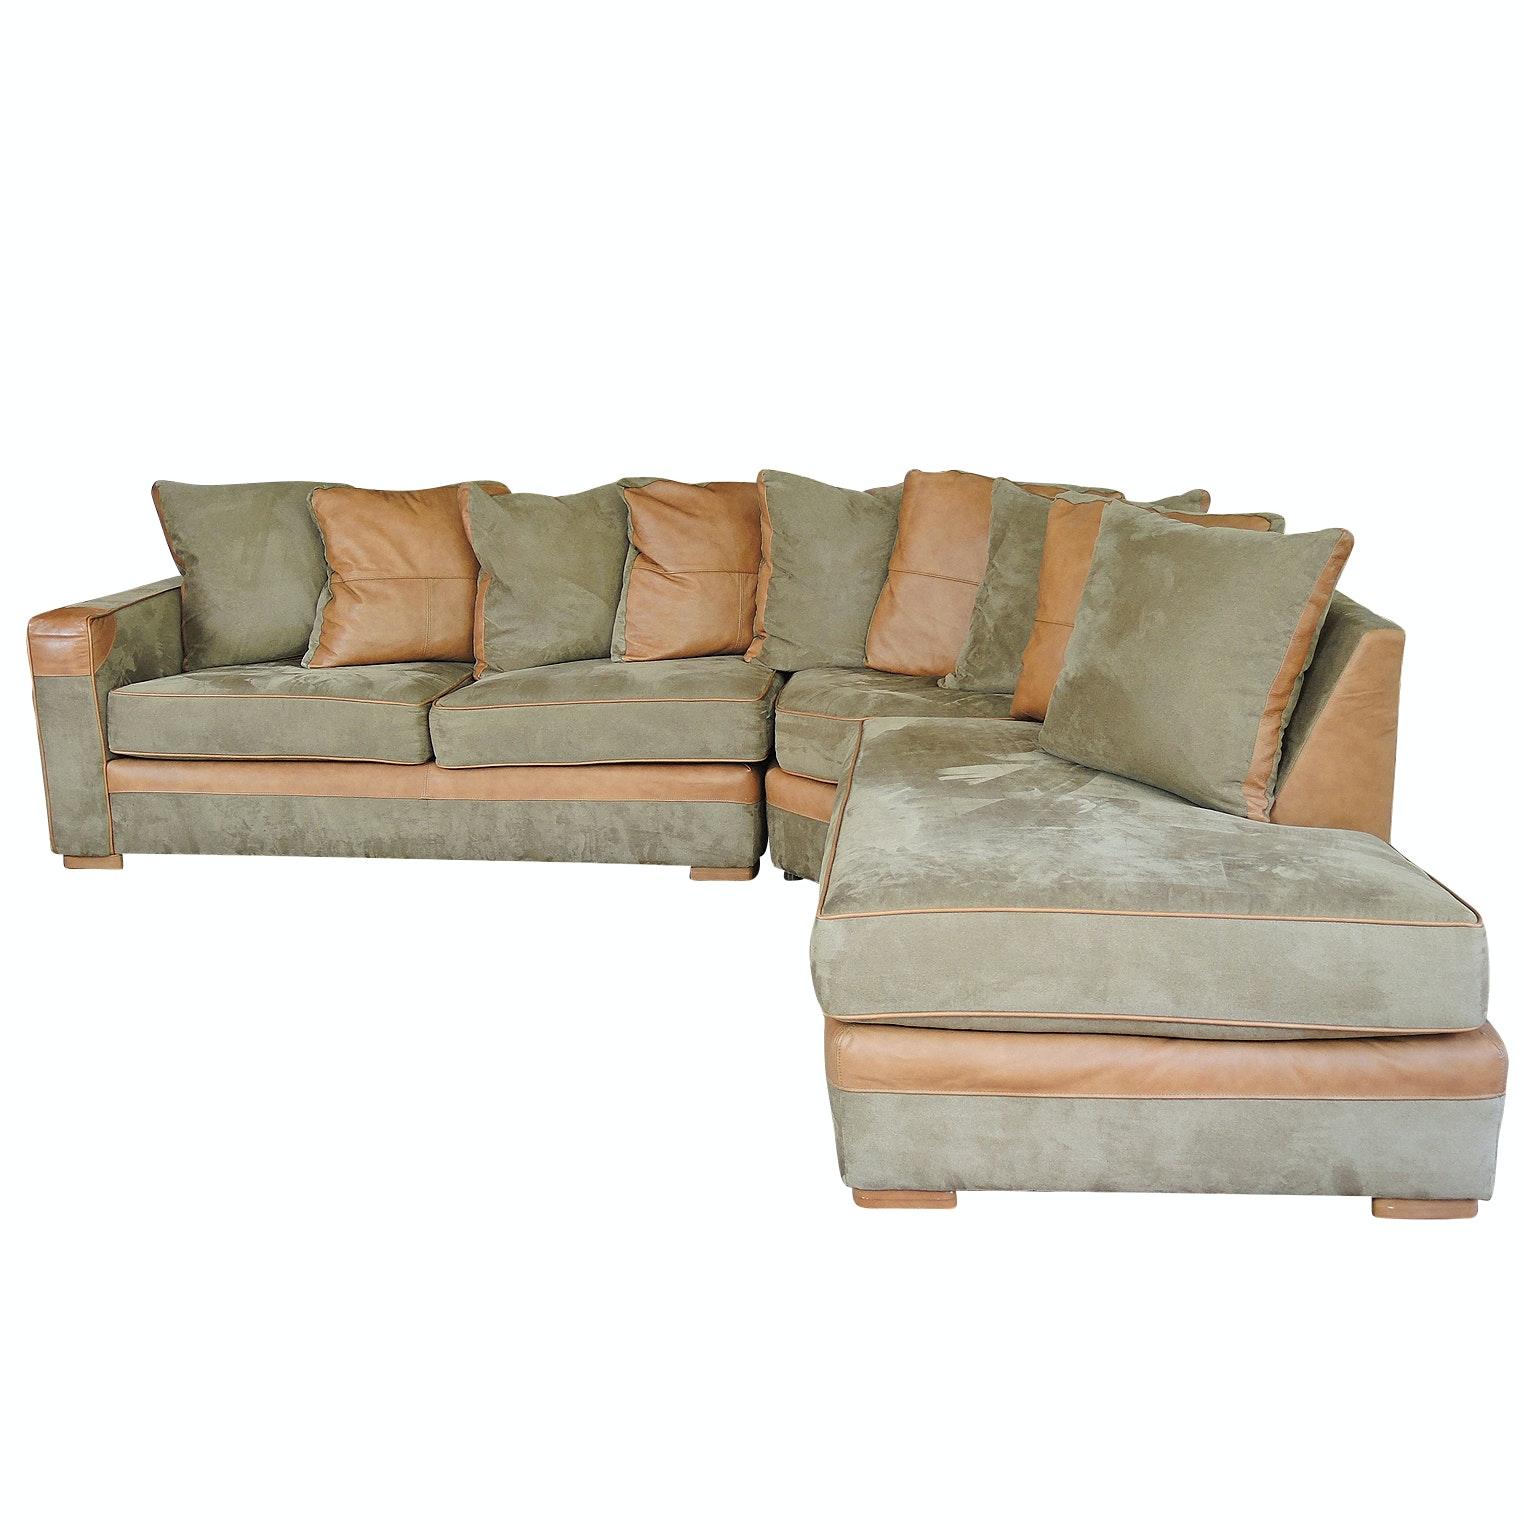 Sklar Peppler 1200 SL Series Microfiber Upholstered Sectional Sofa